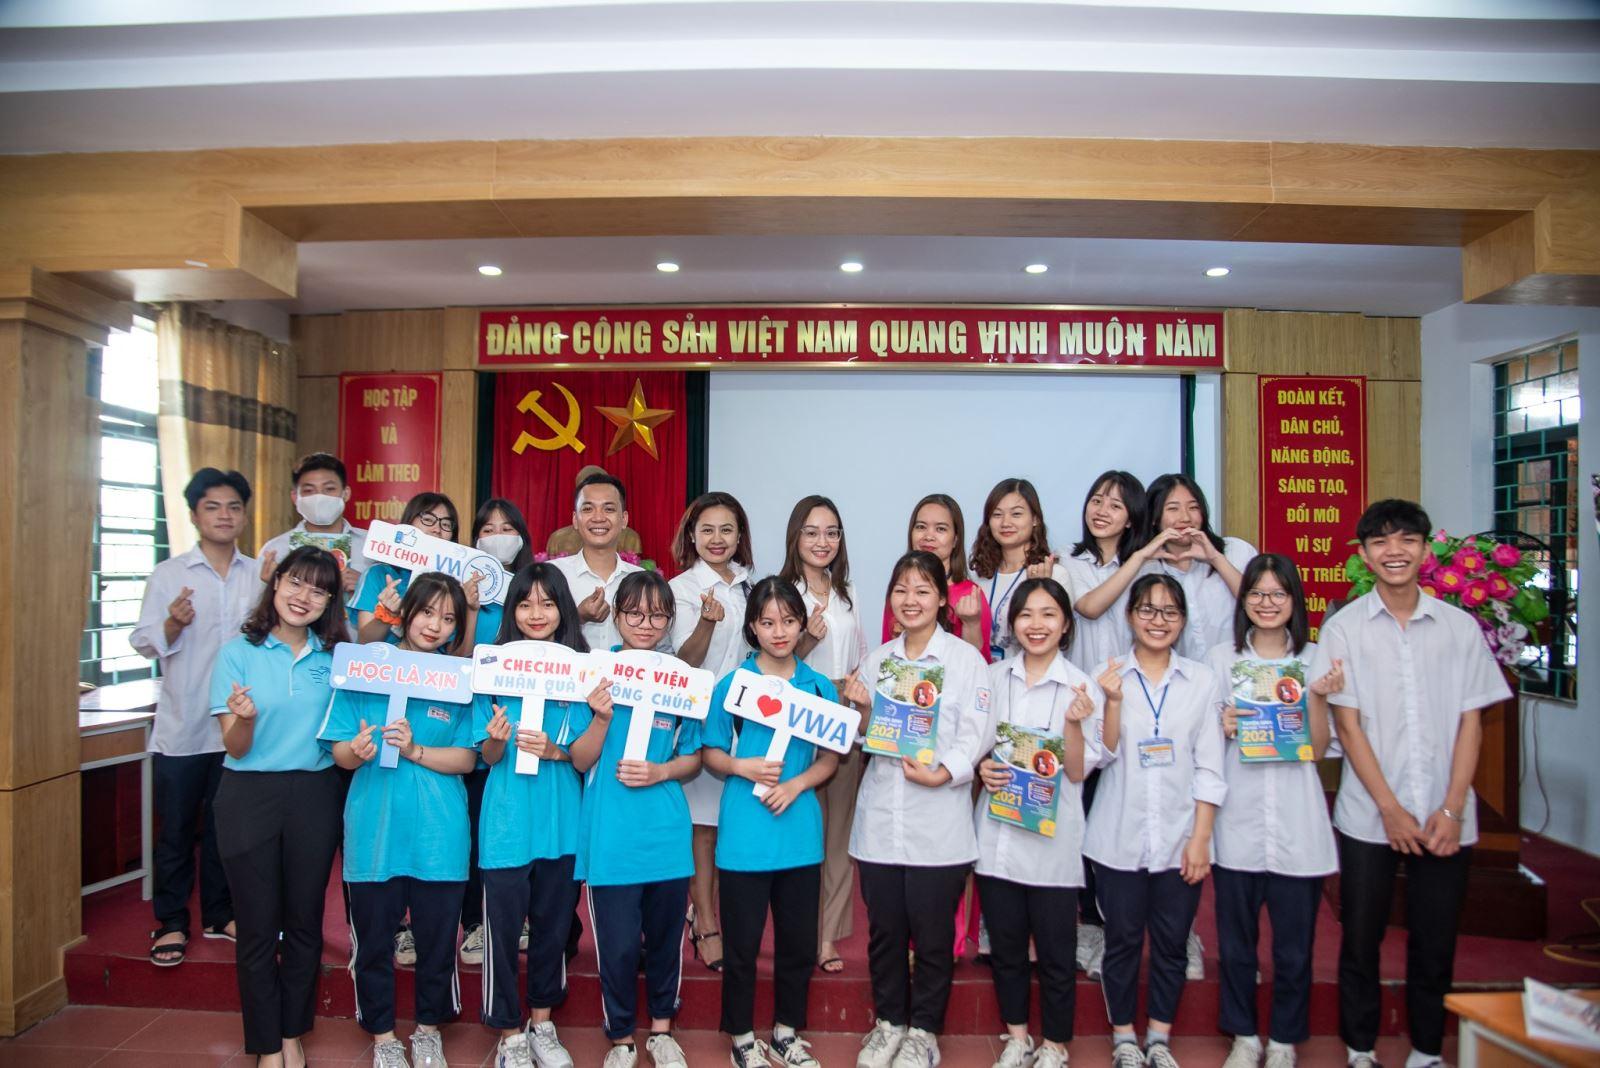 Tư vấn tuyển sinh tại trường THPT Nguyễn Trãi, Thường Tín, HN